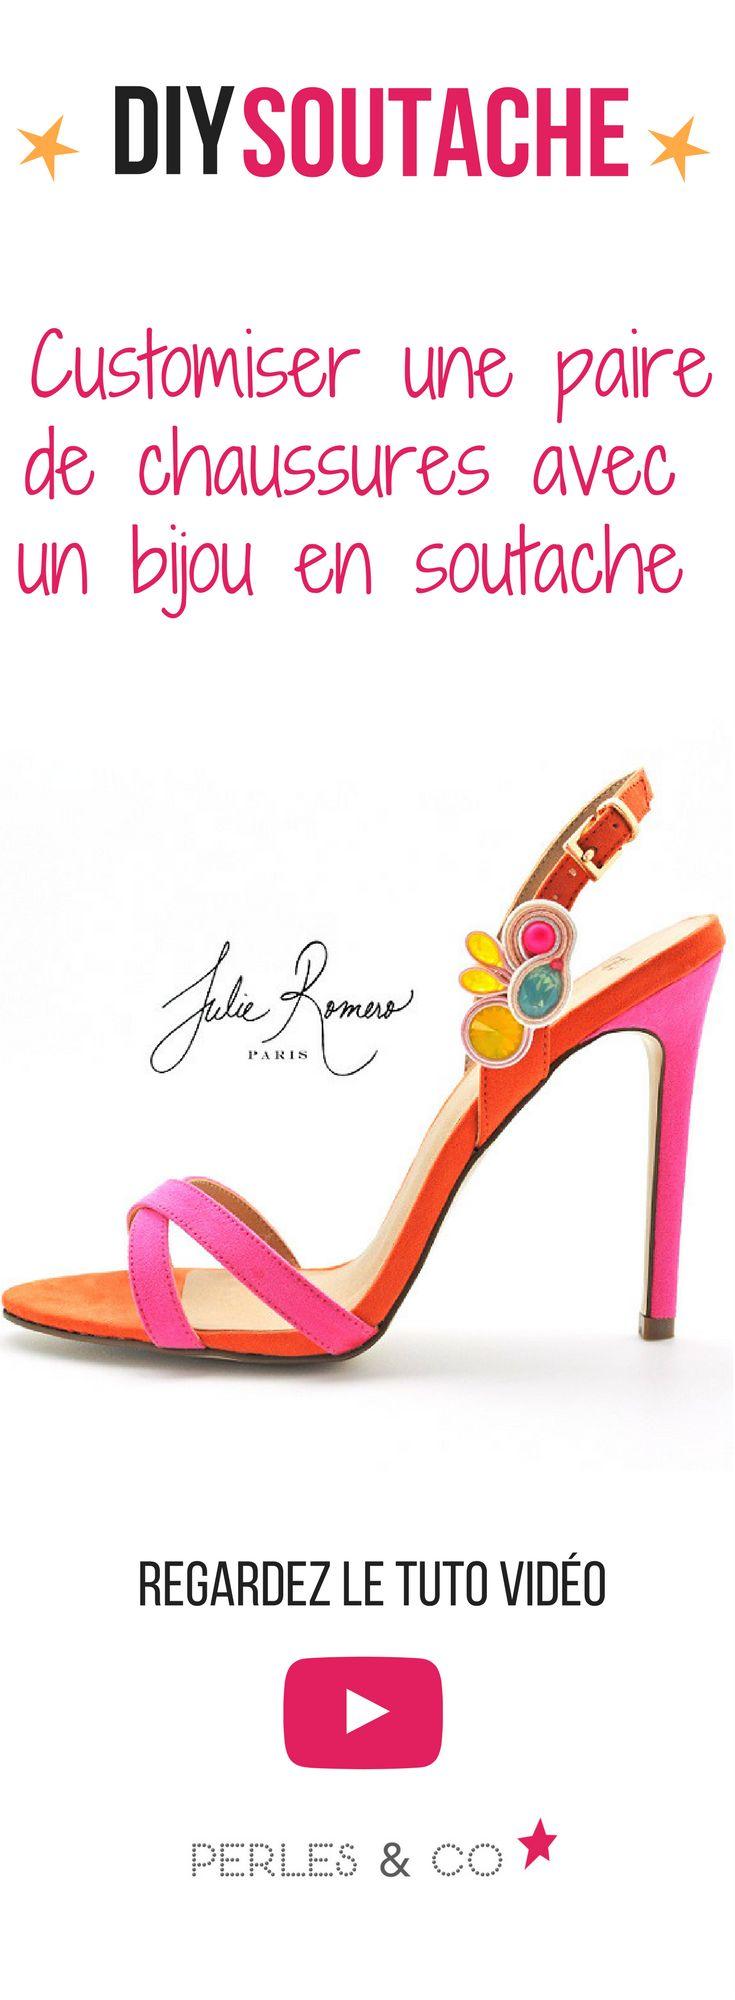 Envie d'avoir une paire de chaussures uniques pour une occasion spéciale comme une soirée ou un mariage ? Pas de problème, voici une astuce DIY pour customiser votre paire d'escarpin préférée en créant un bijou de chaussures avec de la soutache et des cristaux Swarovski. #diy #soutache #customisation #chaussures #mariage #tutoriel #été #tuto #accessoire #wedding